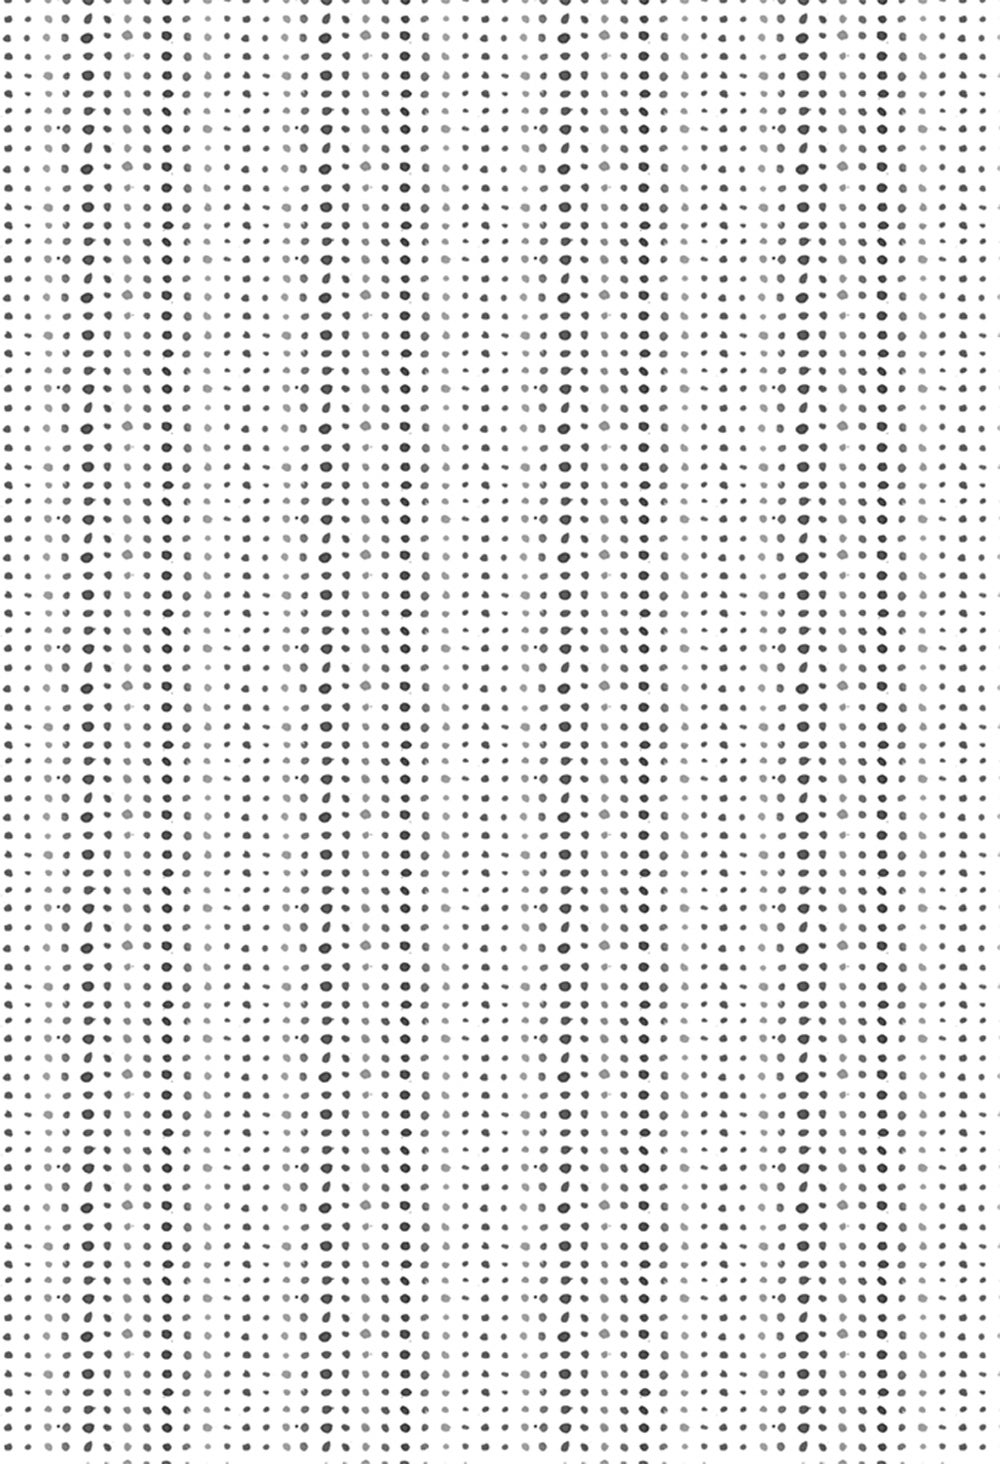 Image of Spots in black/white